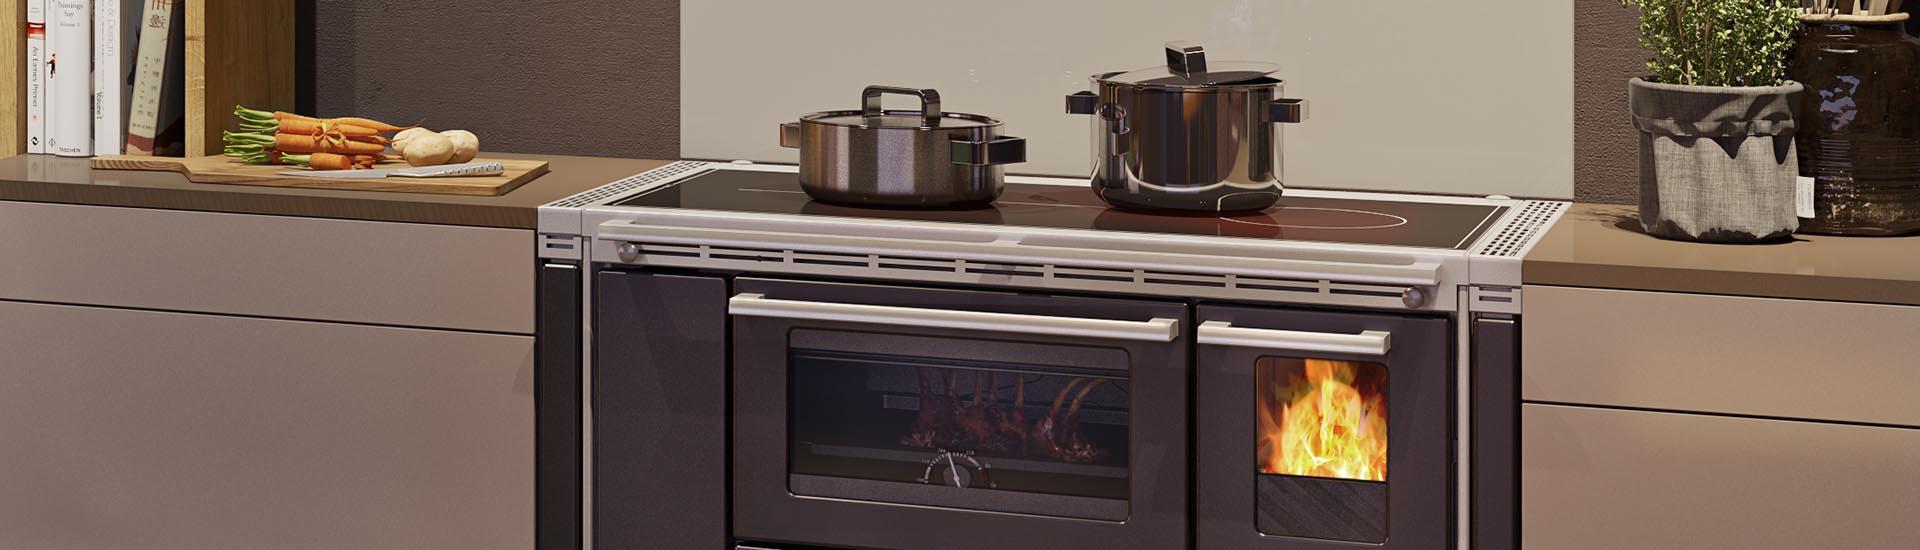 Küchenherd & Holzherd: Kochen und dabei heizen